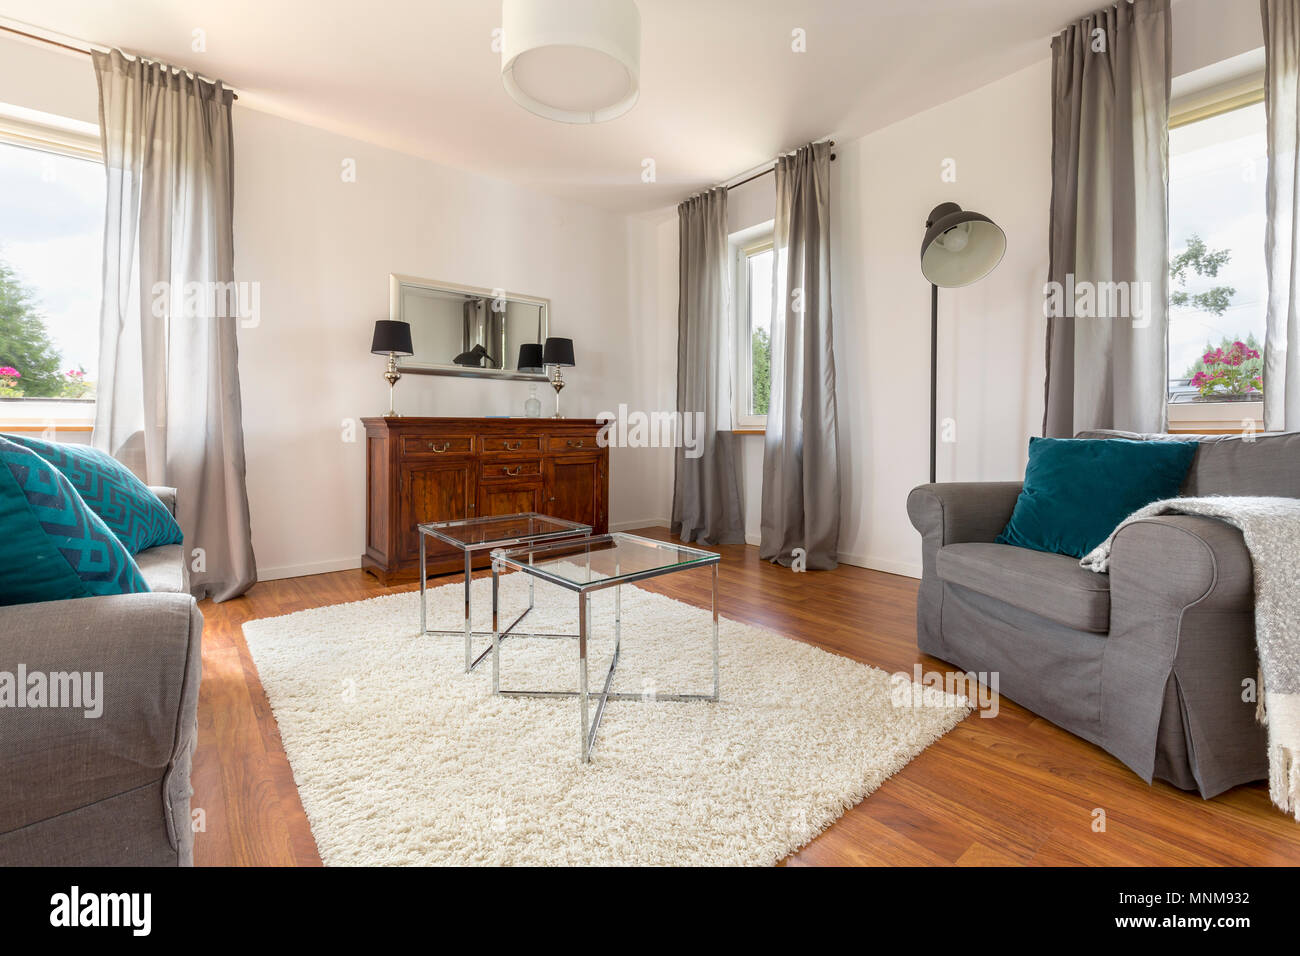 Accogliente soggiorno con finestra decorativo tende tabella di